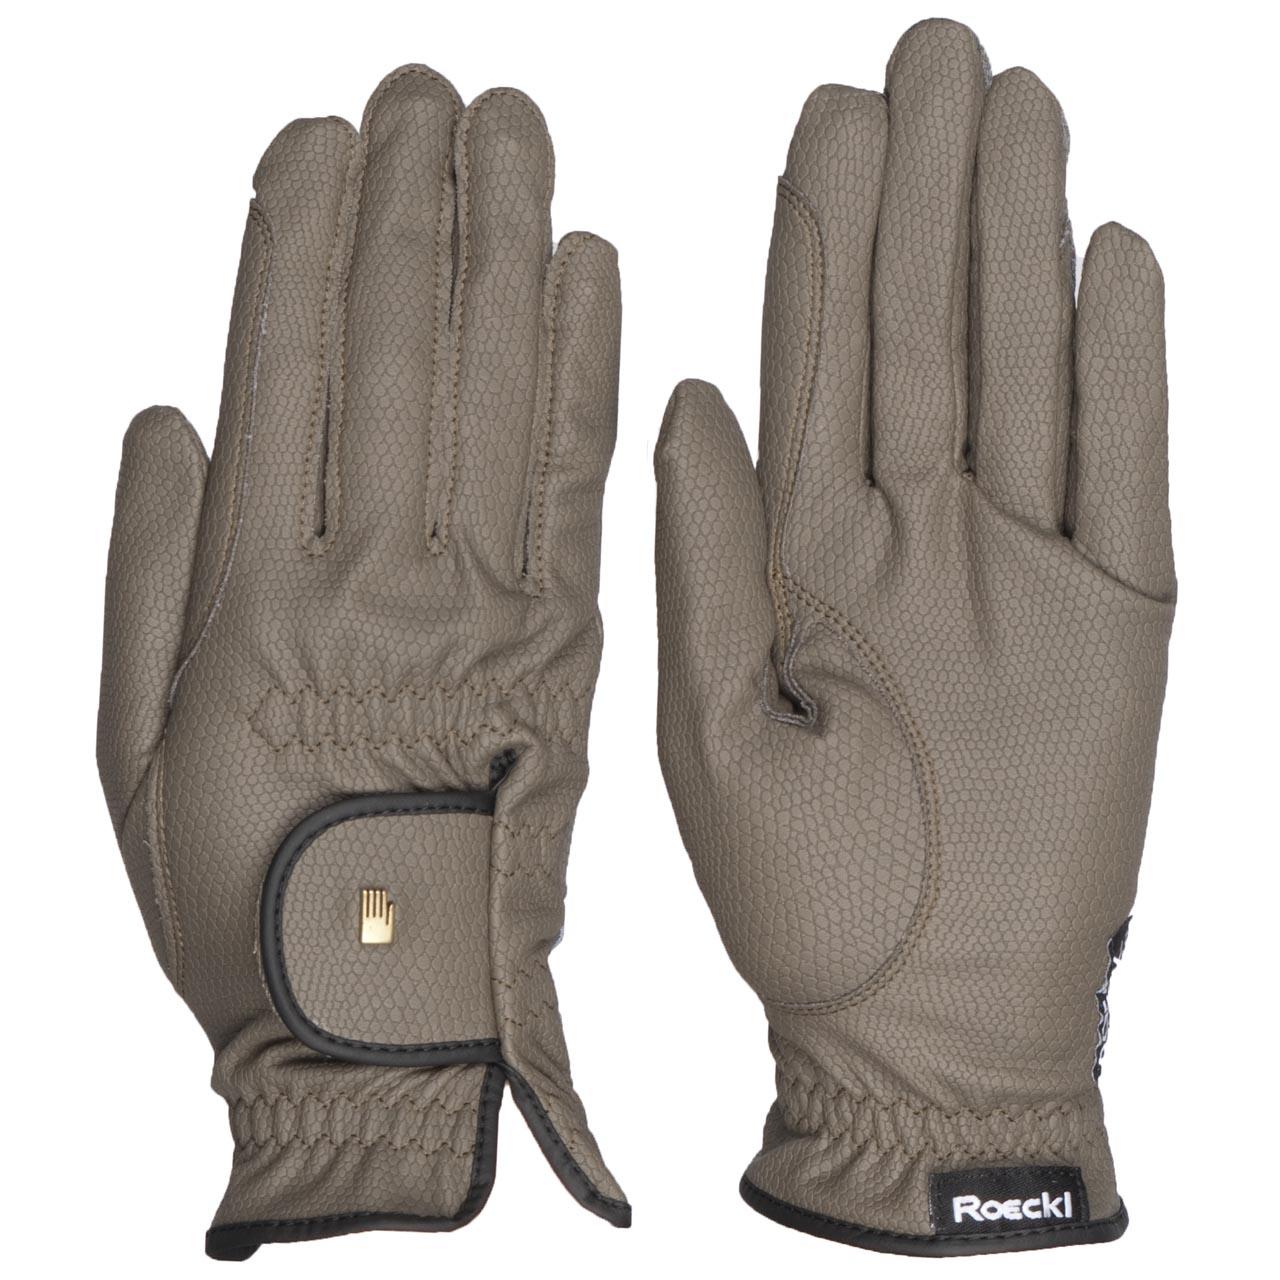 Roeckl Roeck grip Handschoen olijf maat:7